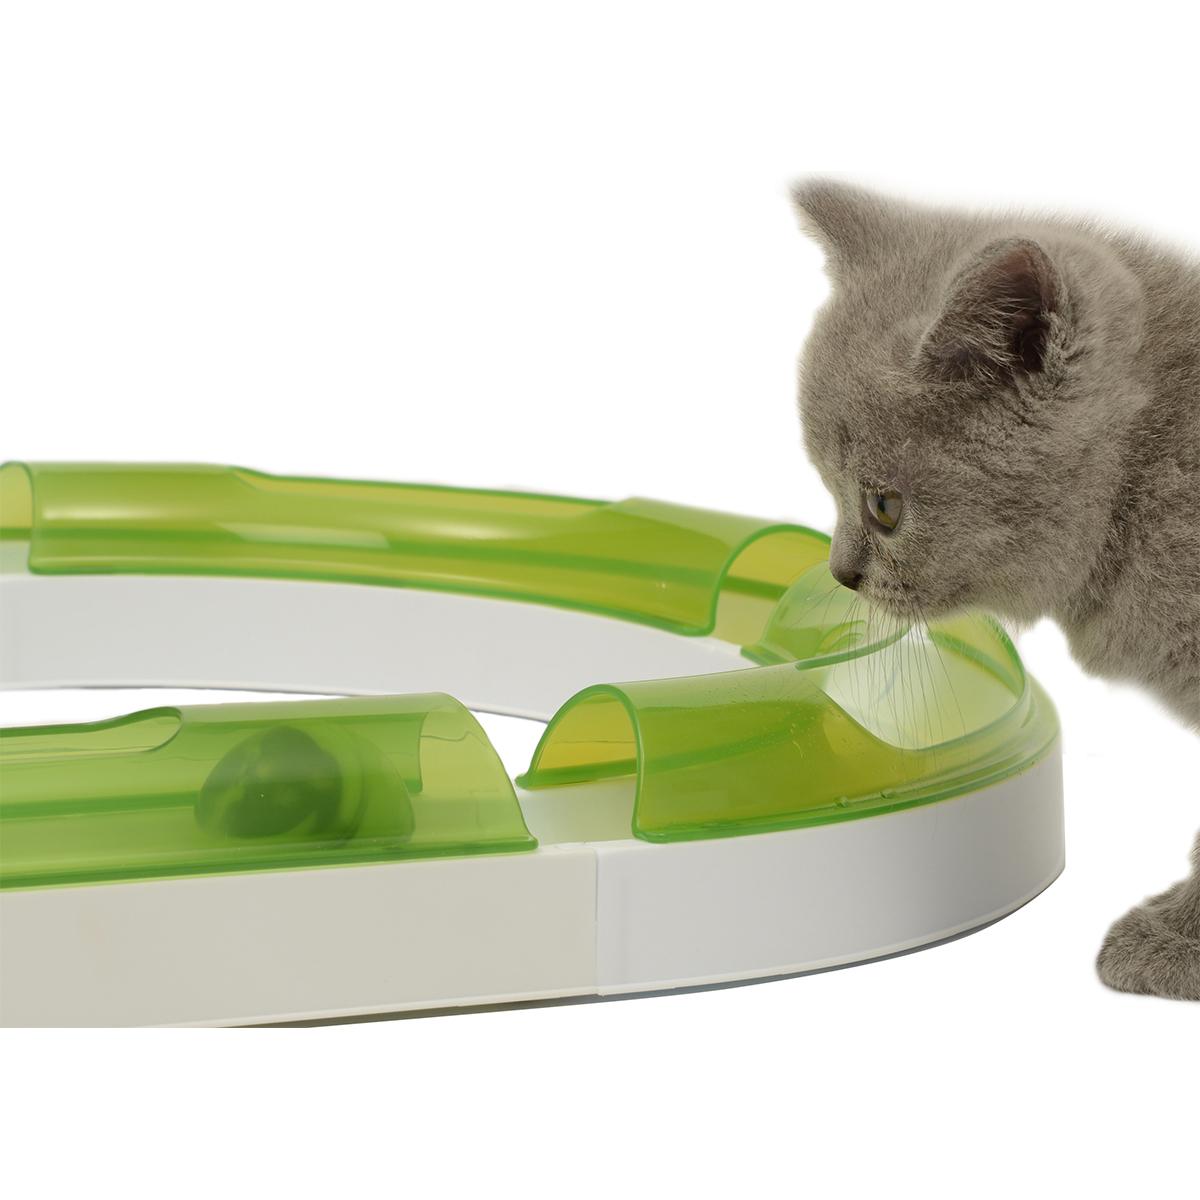 catit senses 2 0 spielschiene play g nstig kaufen bei zooroyal. Black Bedroom Furniture Sets. Home Design Ideas